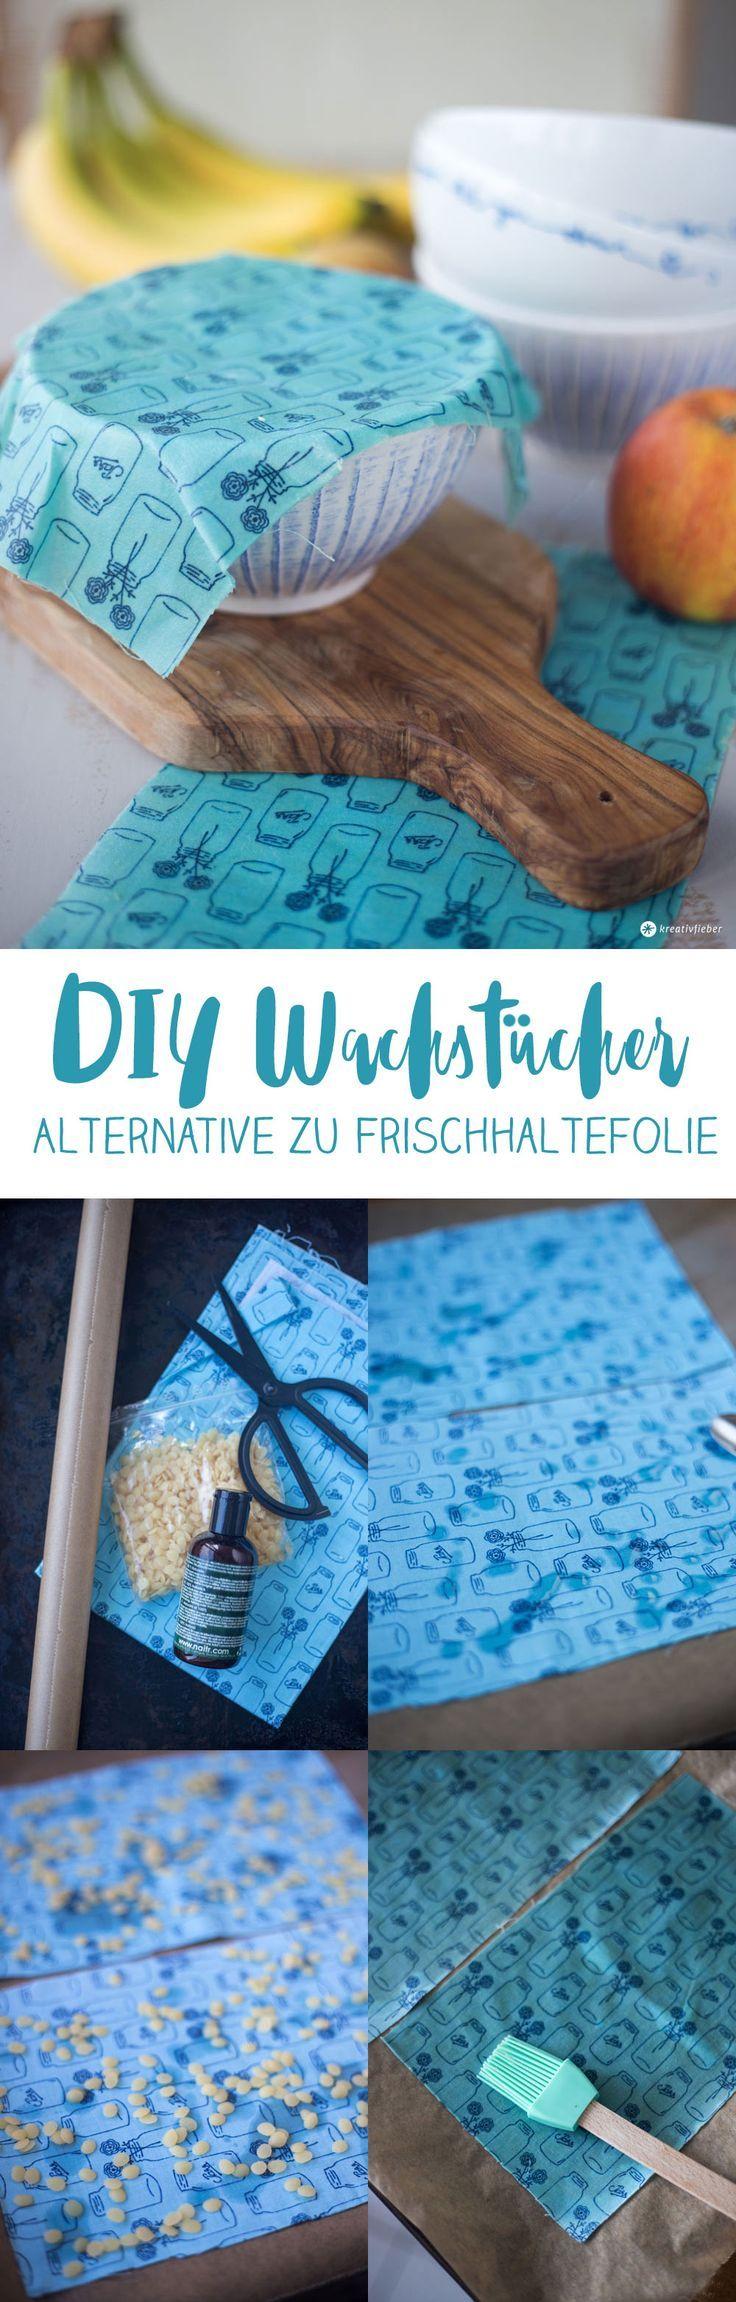 DIY Wachstücher selbermachen – wiederverwendbar Frischhaltefolienersatz – luzia pimpinella lifestyle & travel blog